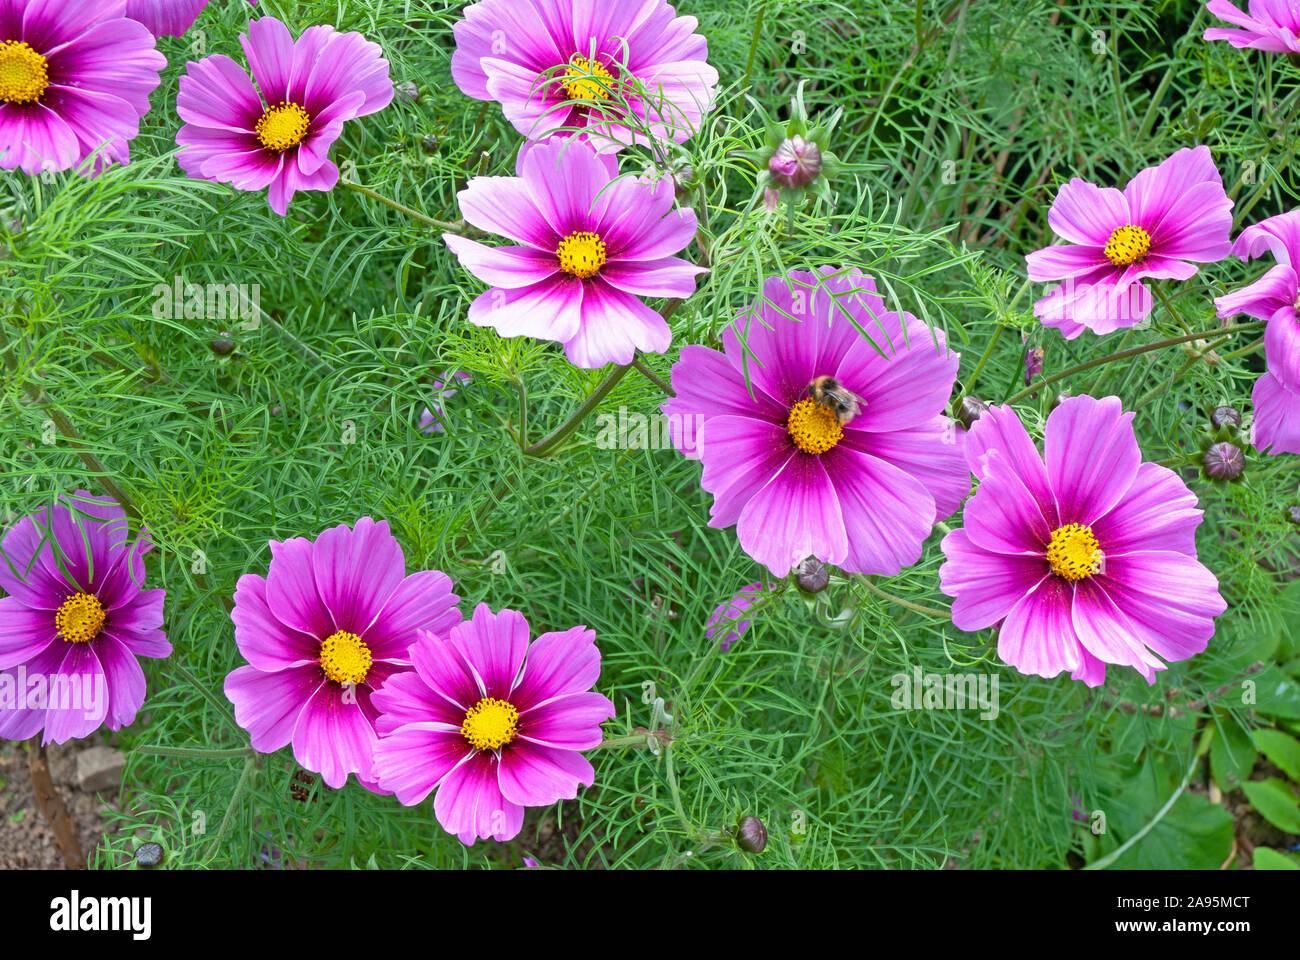 Dunkel rosa/lila Kosmos Sensation (Cosmos Bipinnatus) Blumen in einem Garten - Cornwall Cornwall, Großbritannien Stockfoto